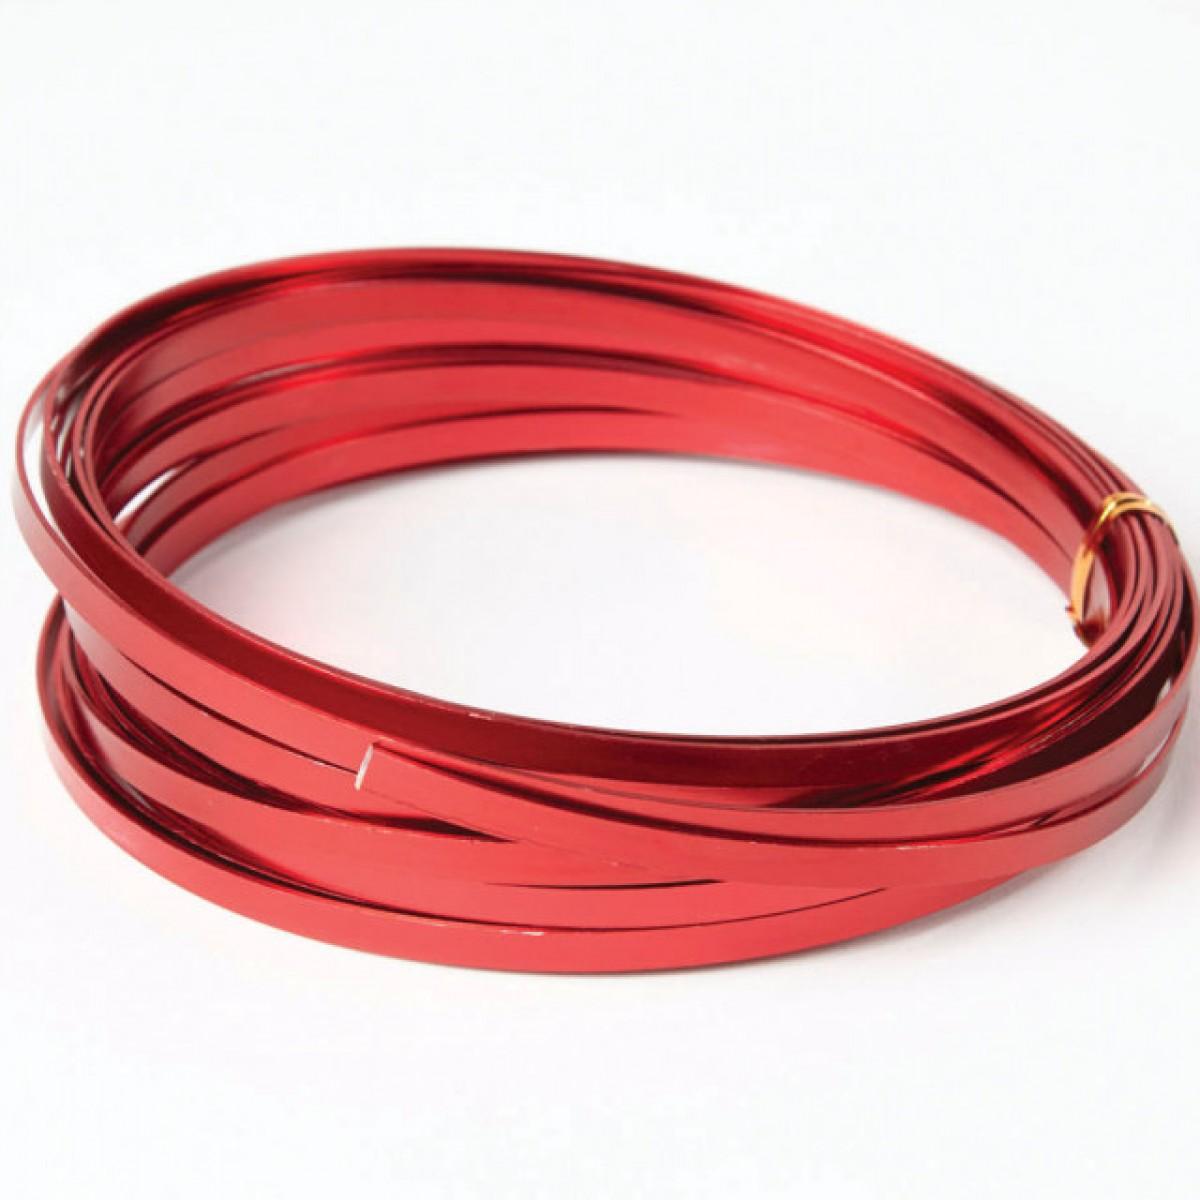 Flat Aluminium Wire Red 1mmx5mmx100g 1 No